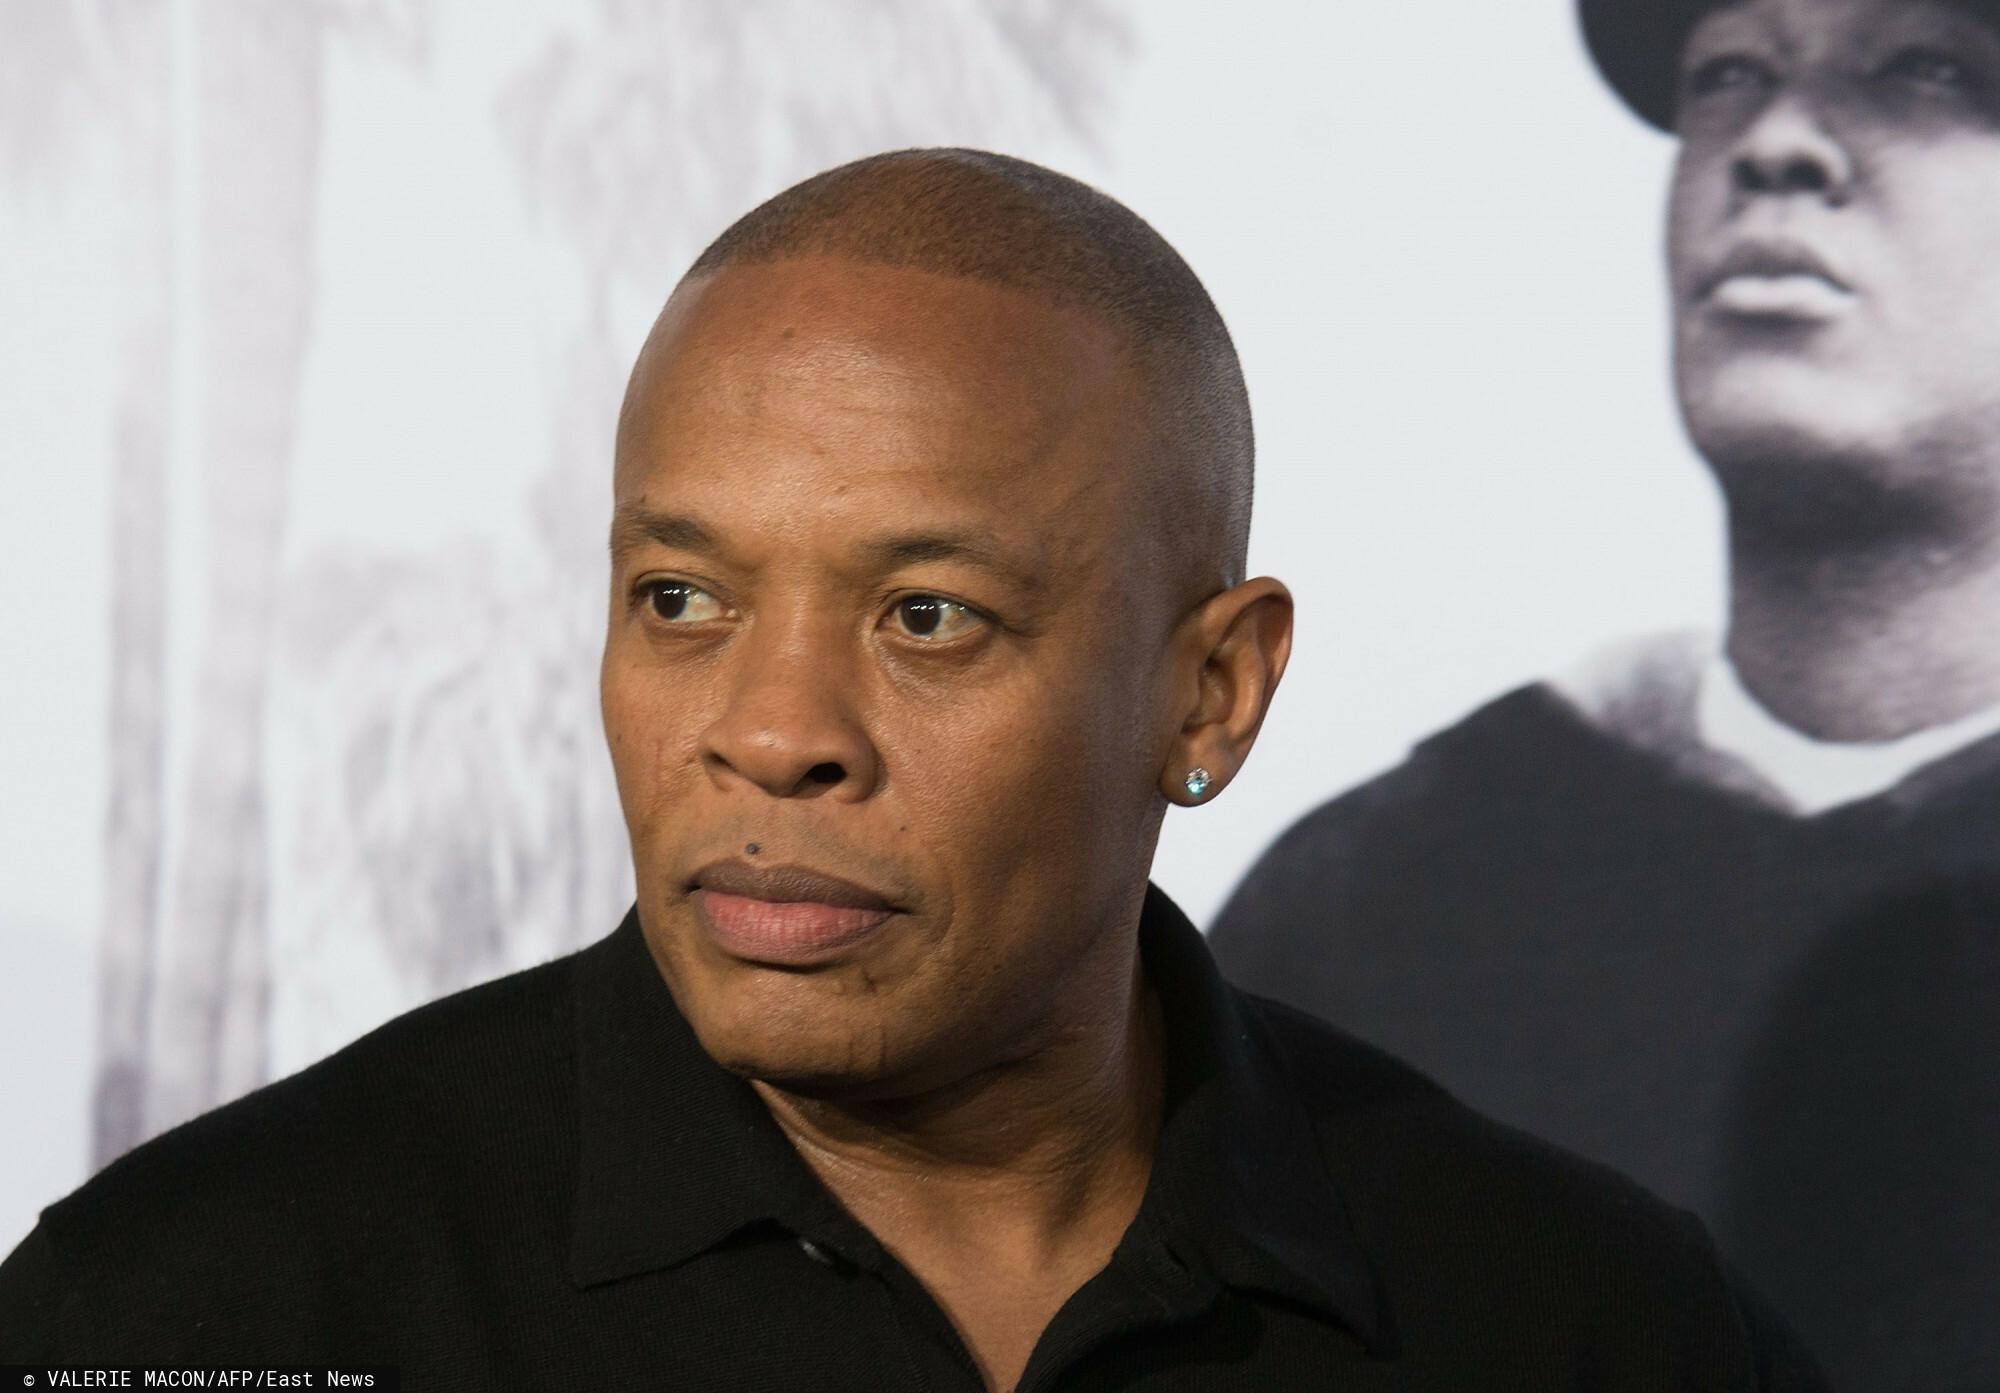 Legendarny producent Dr Dre został przetransportowany do szpitala.